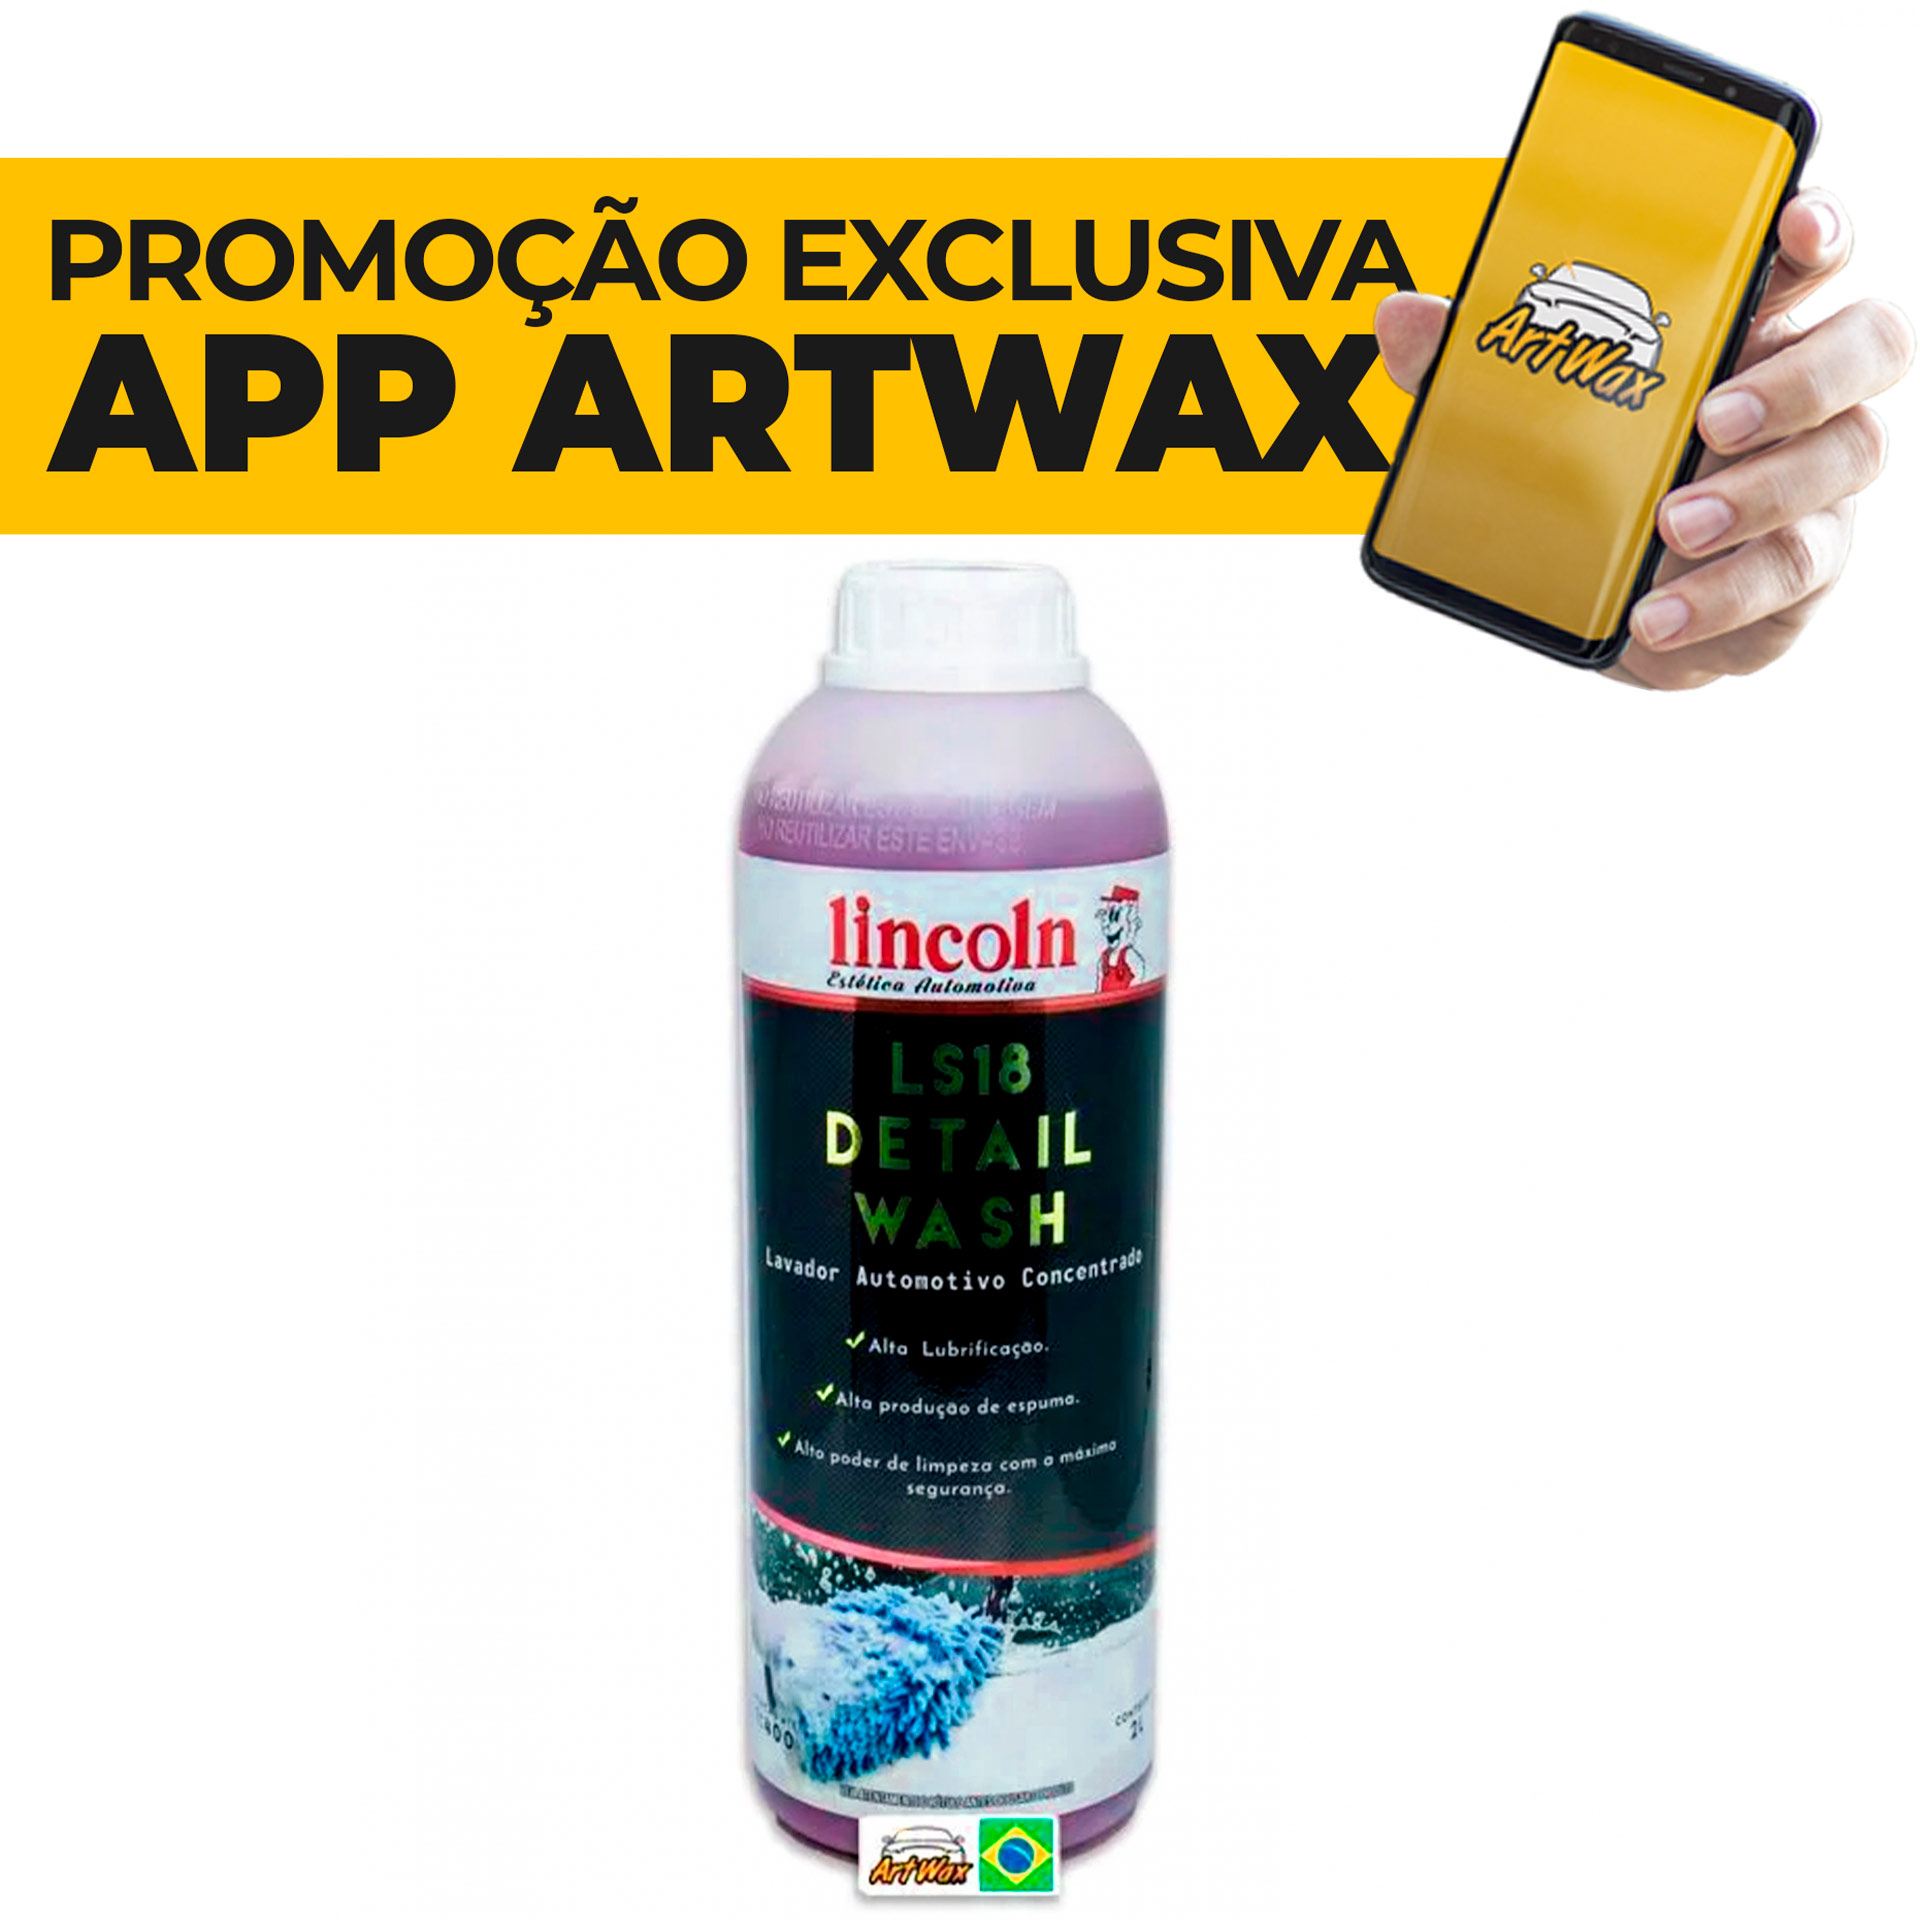 Lincoln LS18 Detail Wash Shampoo Automotivo Concentrado - 2L